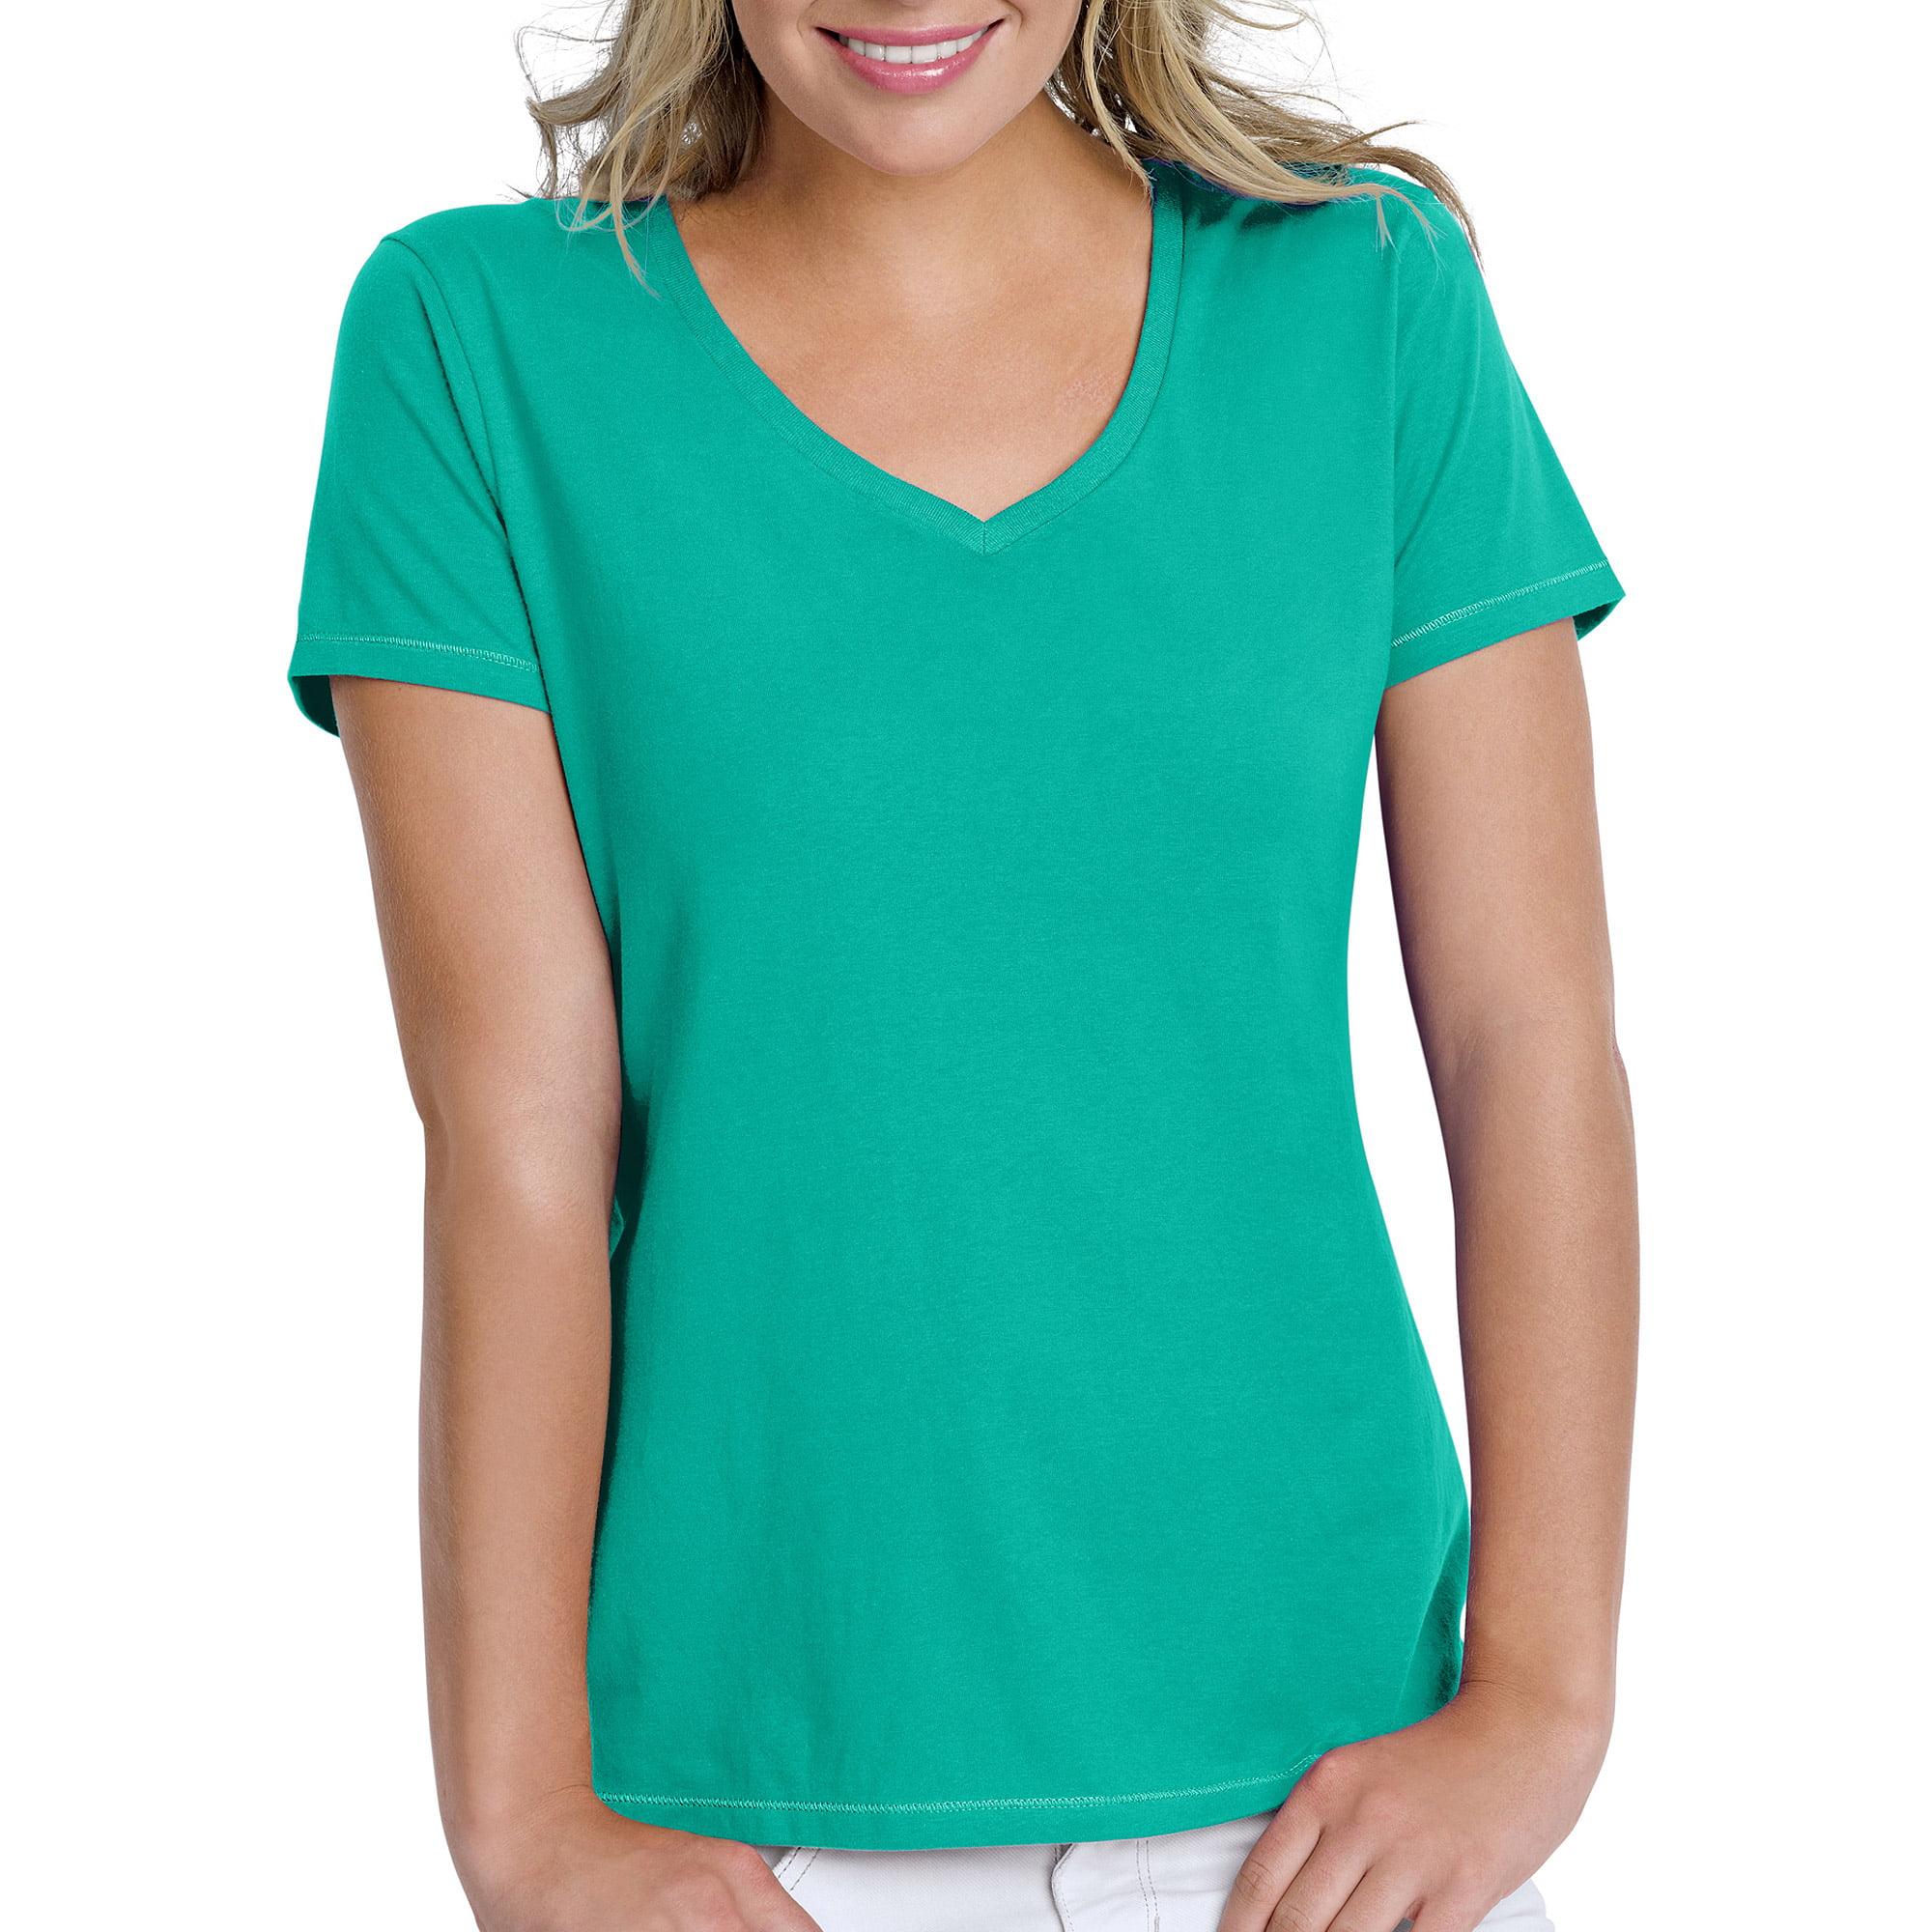 21d84c0e Hanes - Hanes Women's Essential Short-Sleeve V-neck T-Shirt - Walmart.com